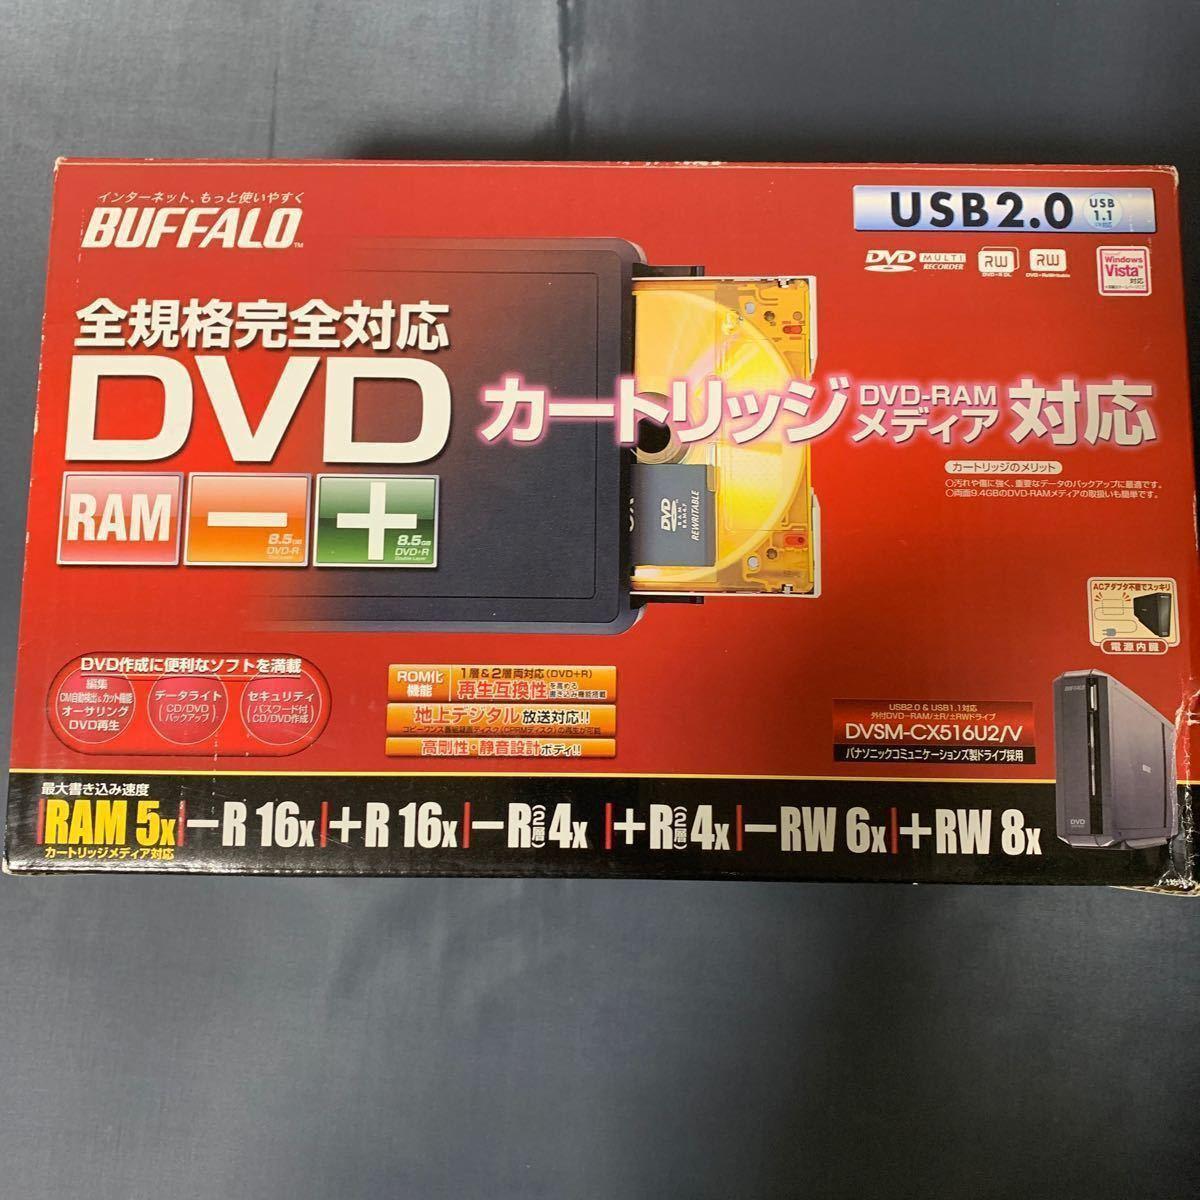 BUFFALO 外付けDVDドライブ